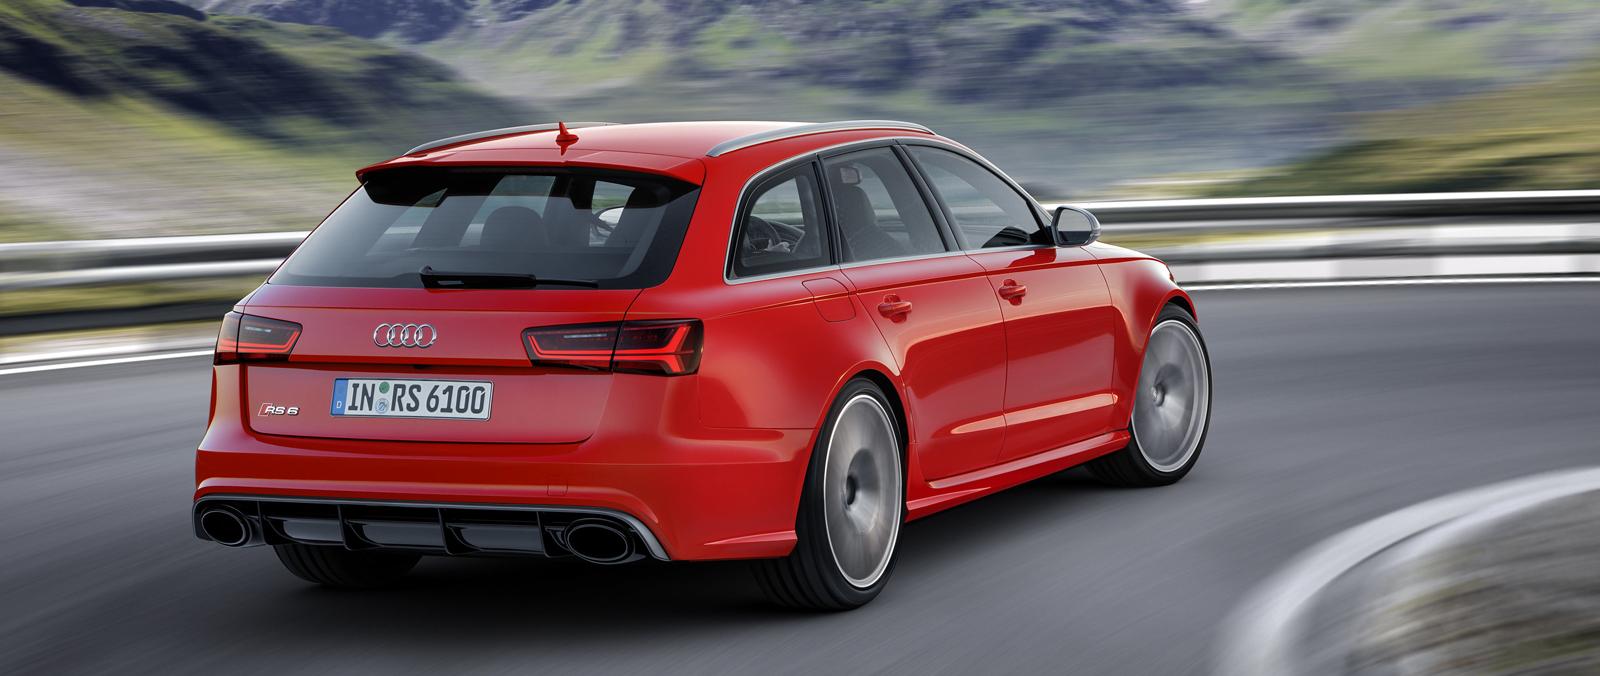 Audi Performance Modellen Voor Rs7 En Rs6